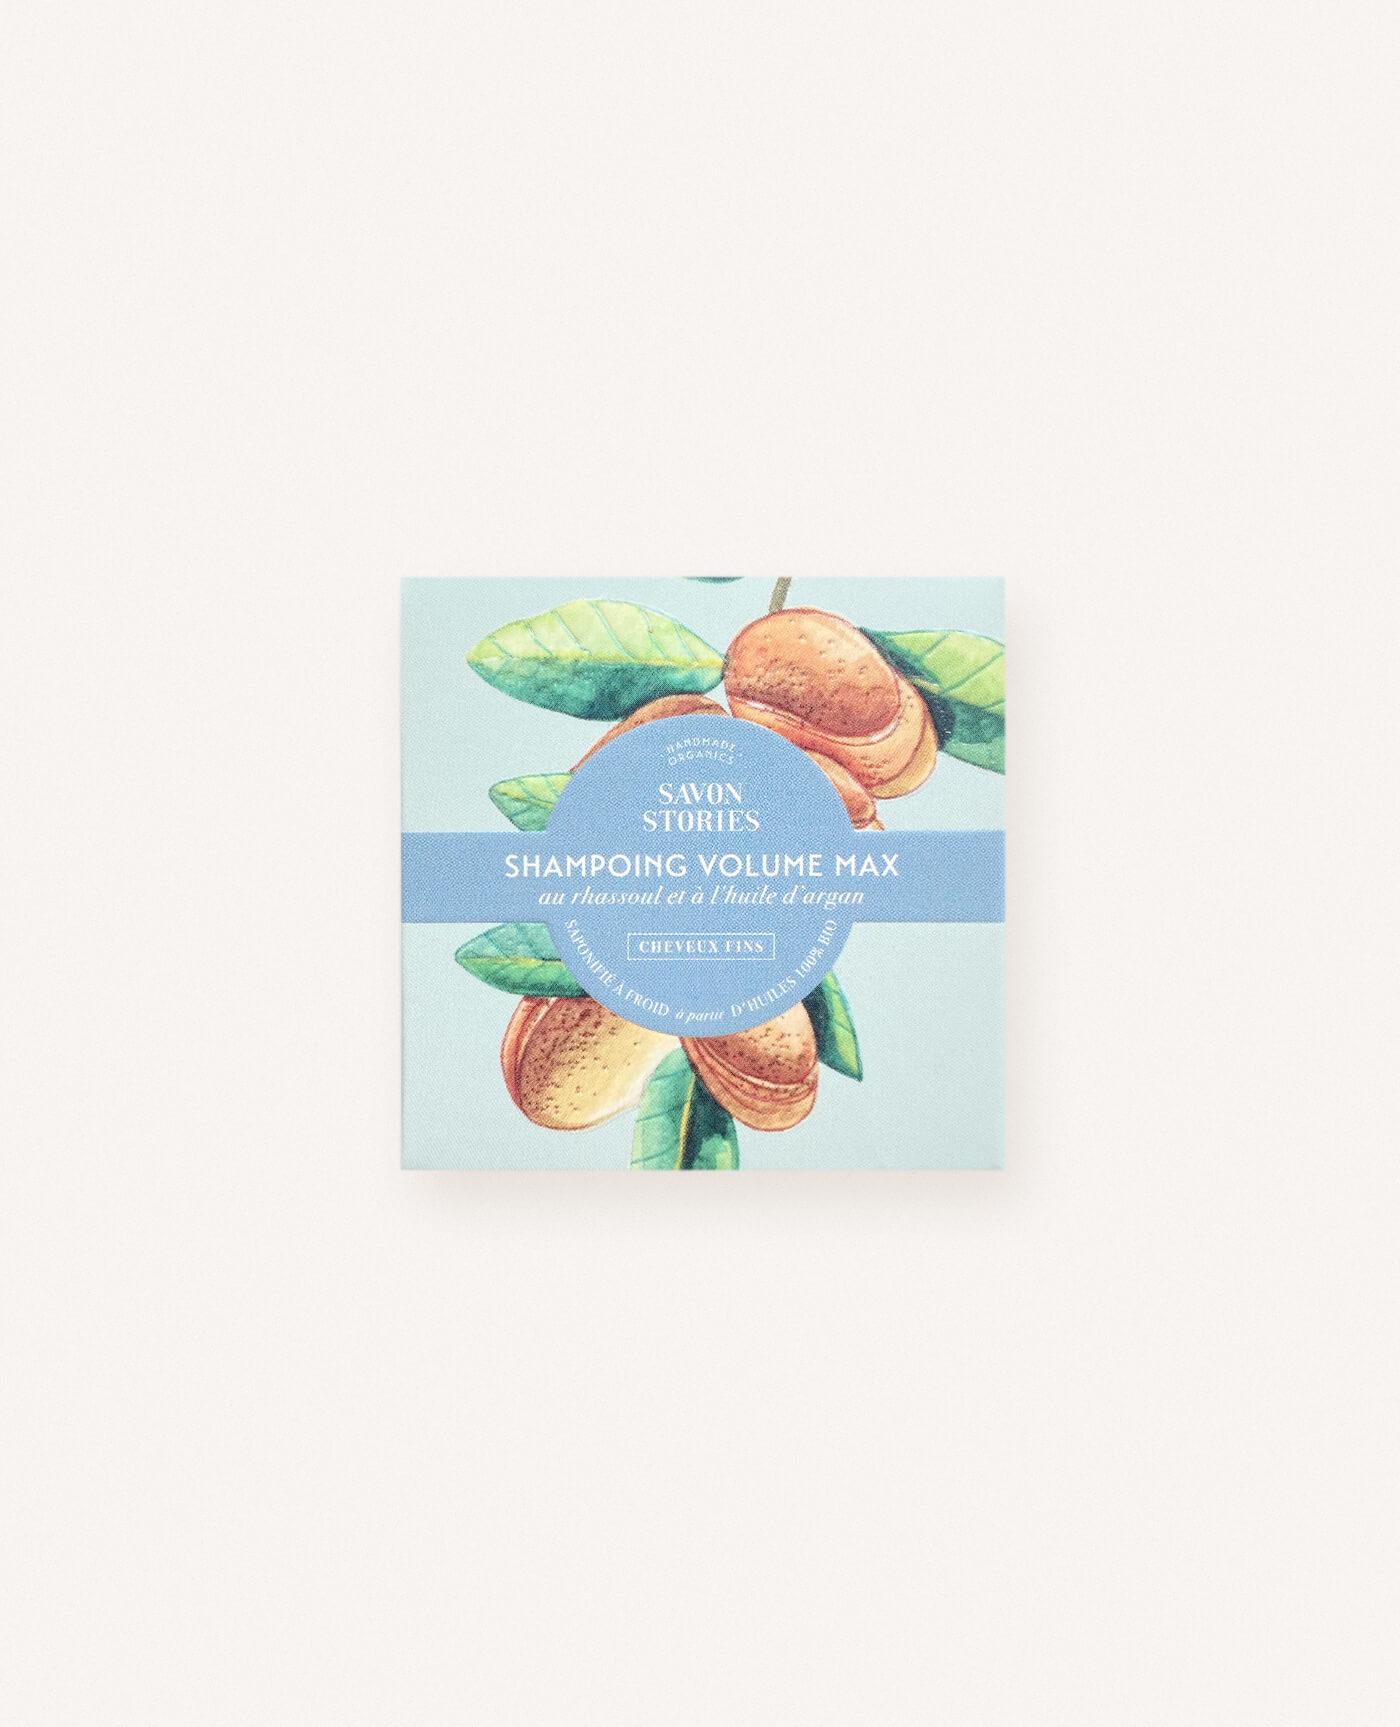 Shampoing solide bio, naturel et vegan au rhassoul pour les cheveux gras de la marque Savon Stories made in france